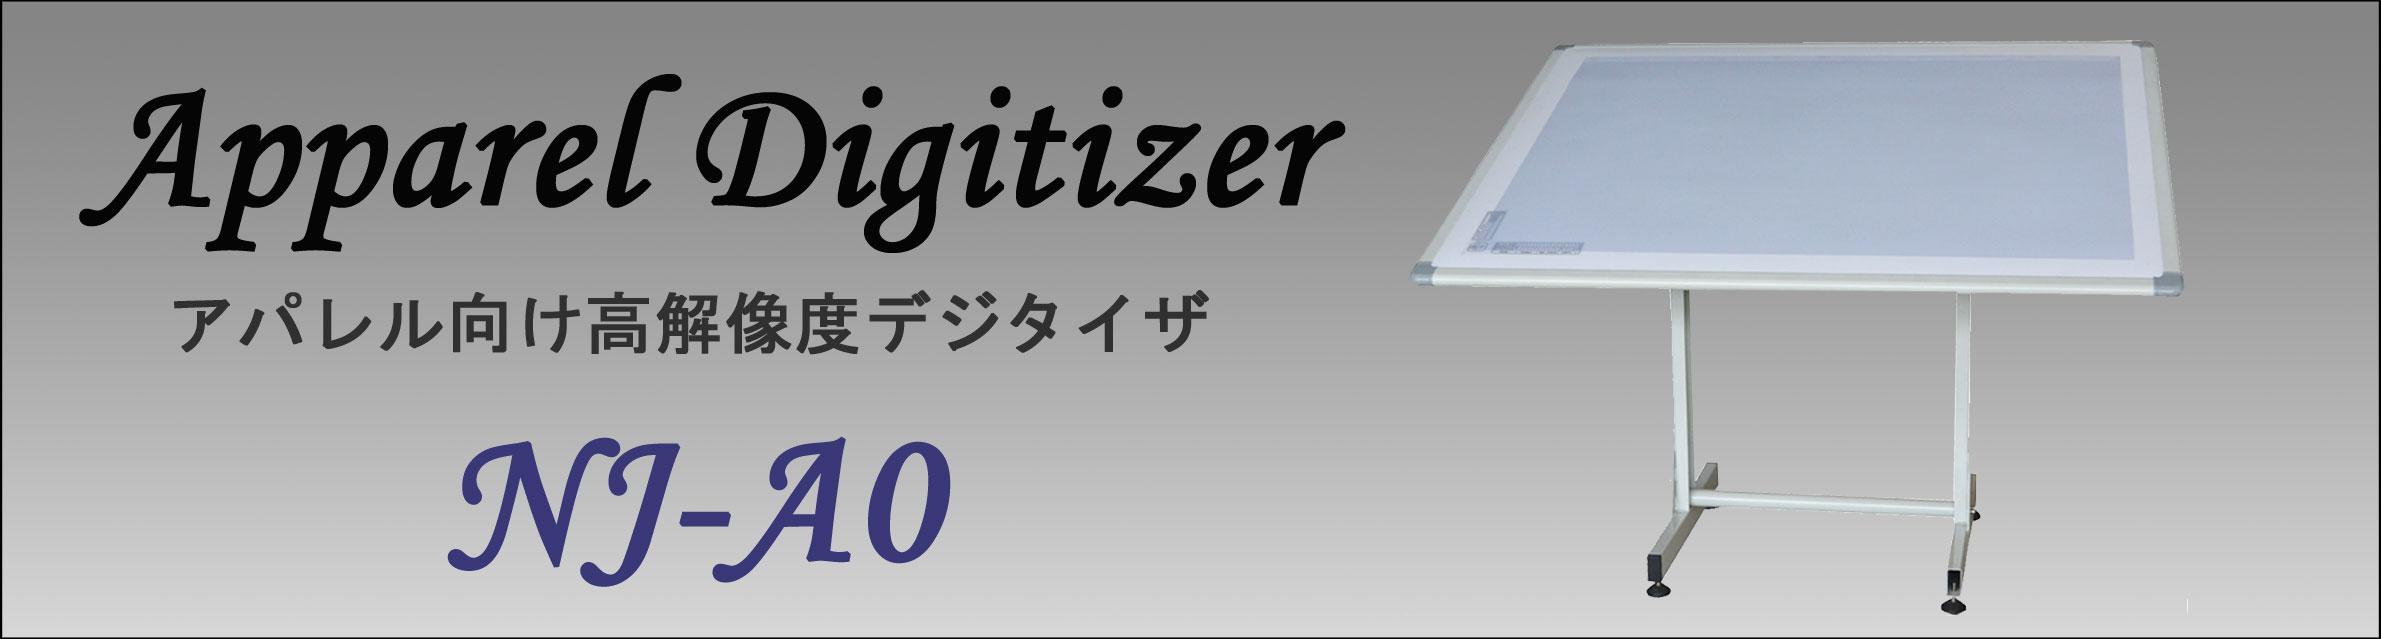 アパレル用デジタイザ- NJ-A0